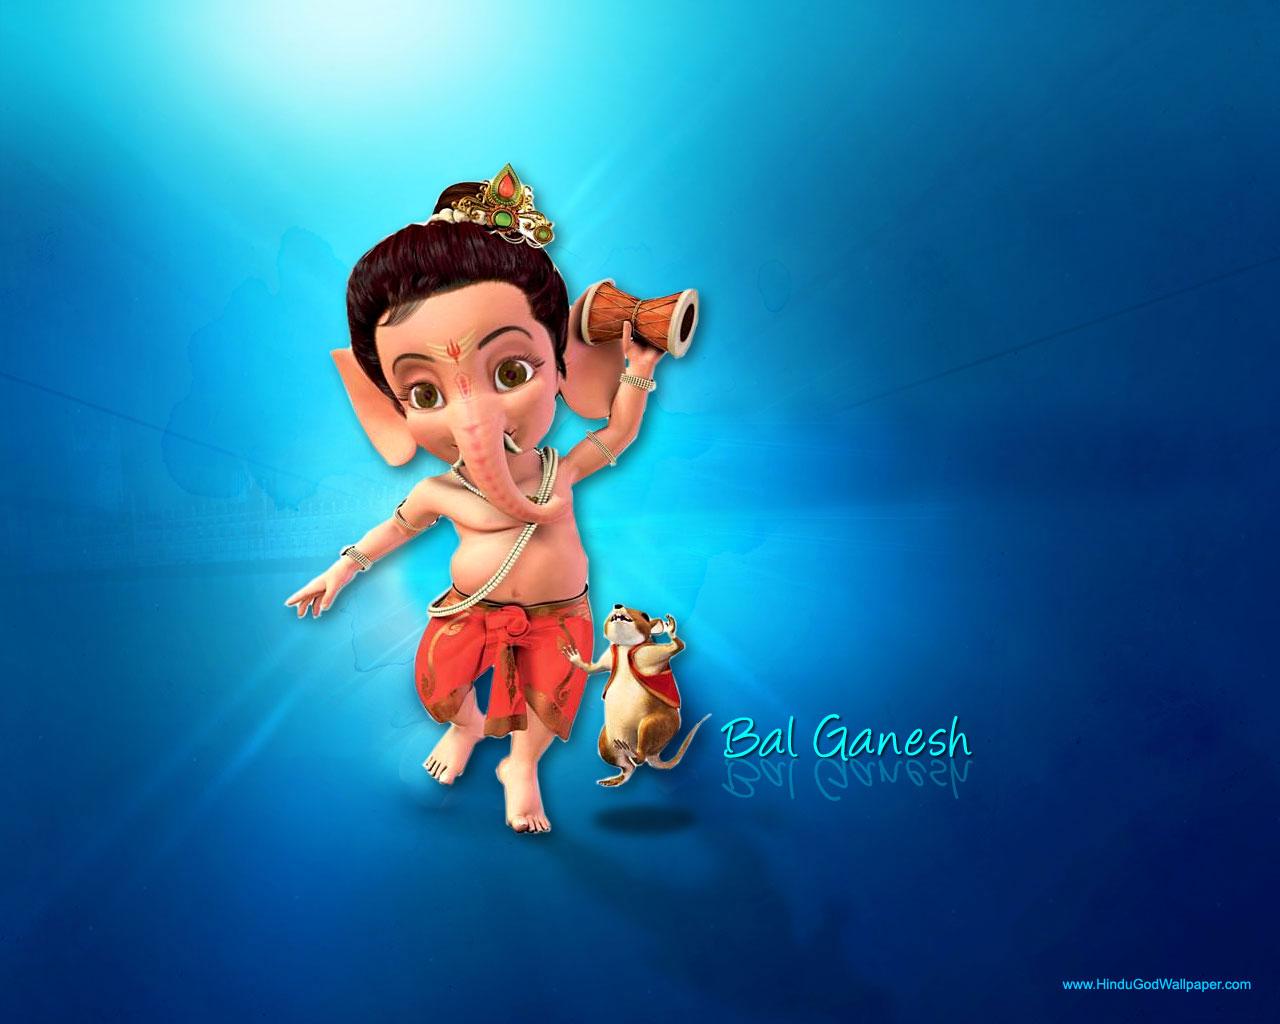 jay swaminarayan wallpapers bal ganesh images bal ganesh